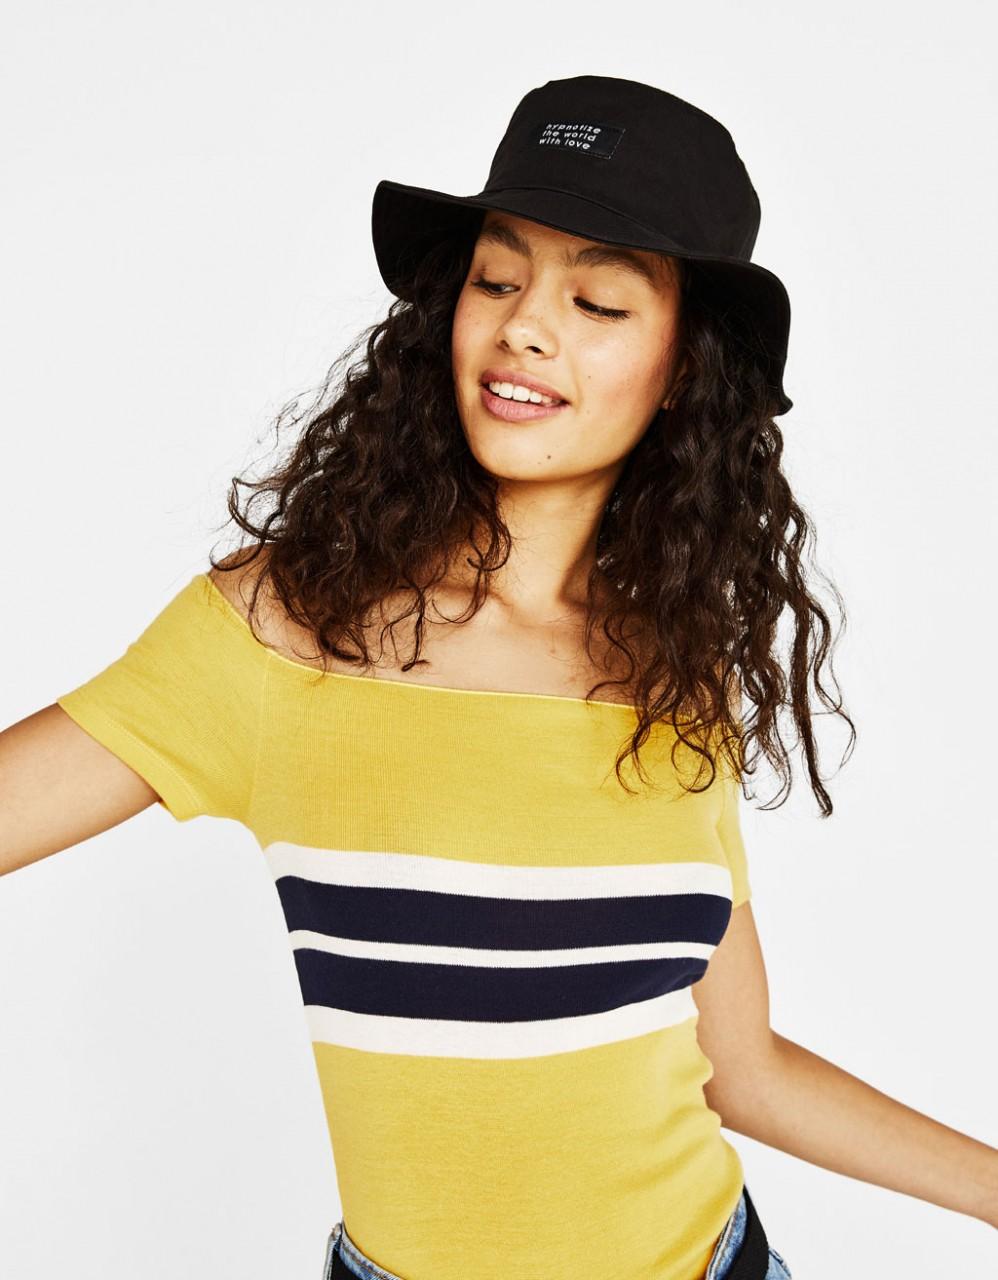 Модель в желтой футболке с полоской